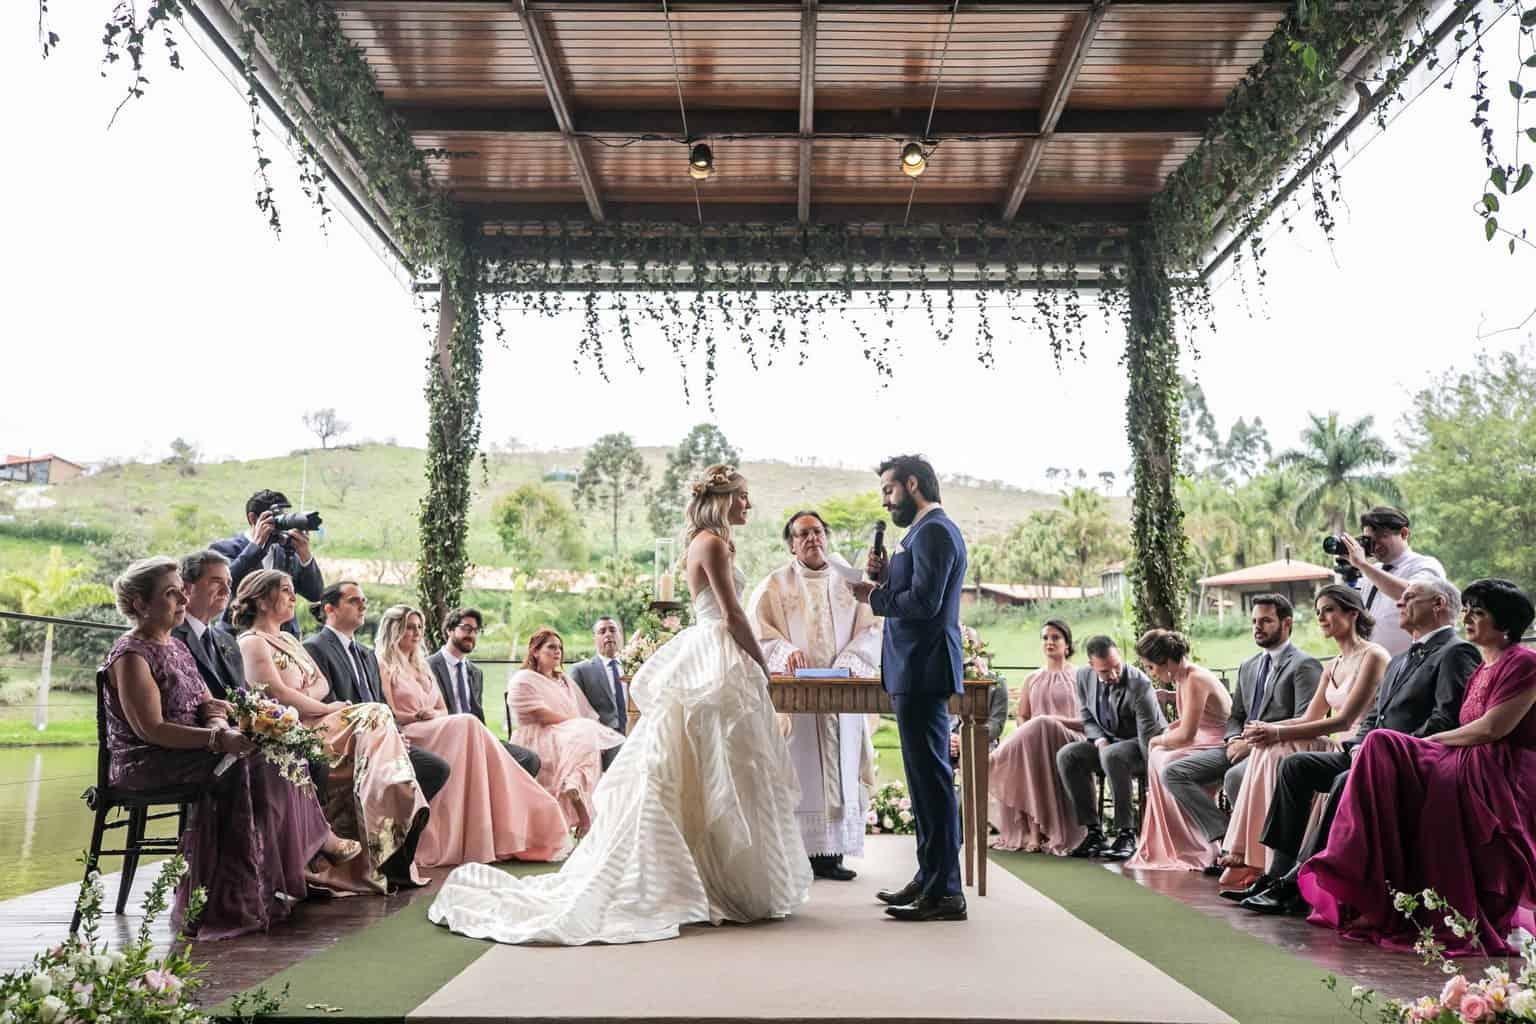 Casamento-Milene-e-Leonardo-cerimonia-ao-ar-livre-decoracao-da-festa-Roberto-Tamer-terras-claras183